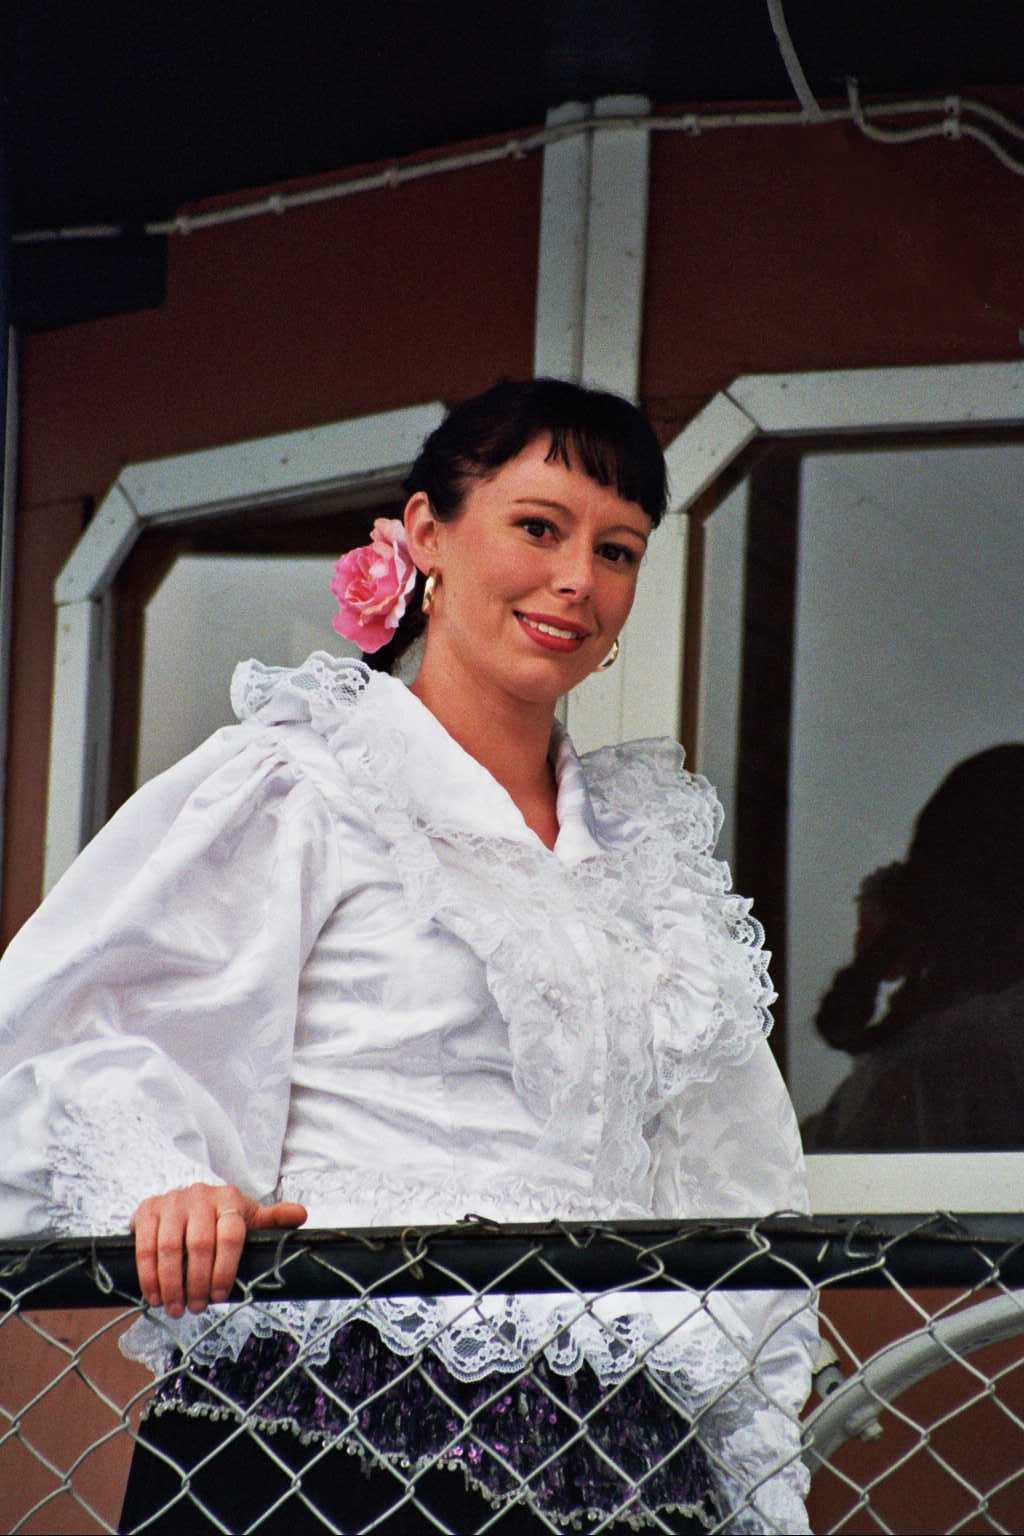 Kaunis Veera, Mire Seppälä Prinsessa Armaadan komentosillalla.